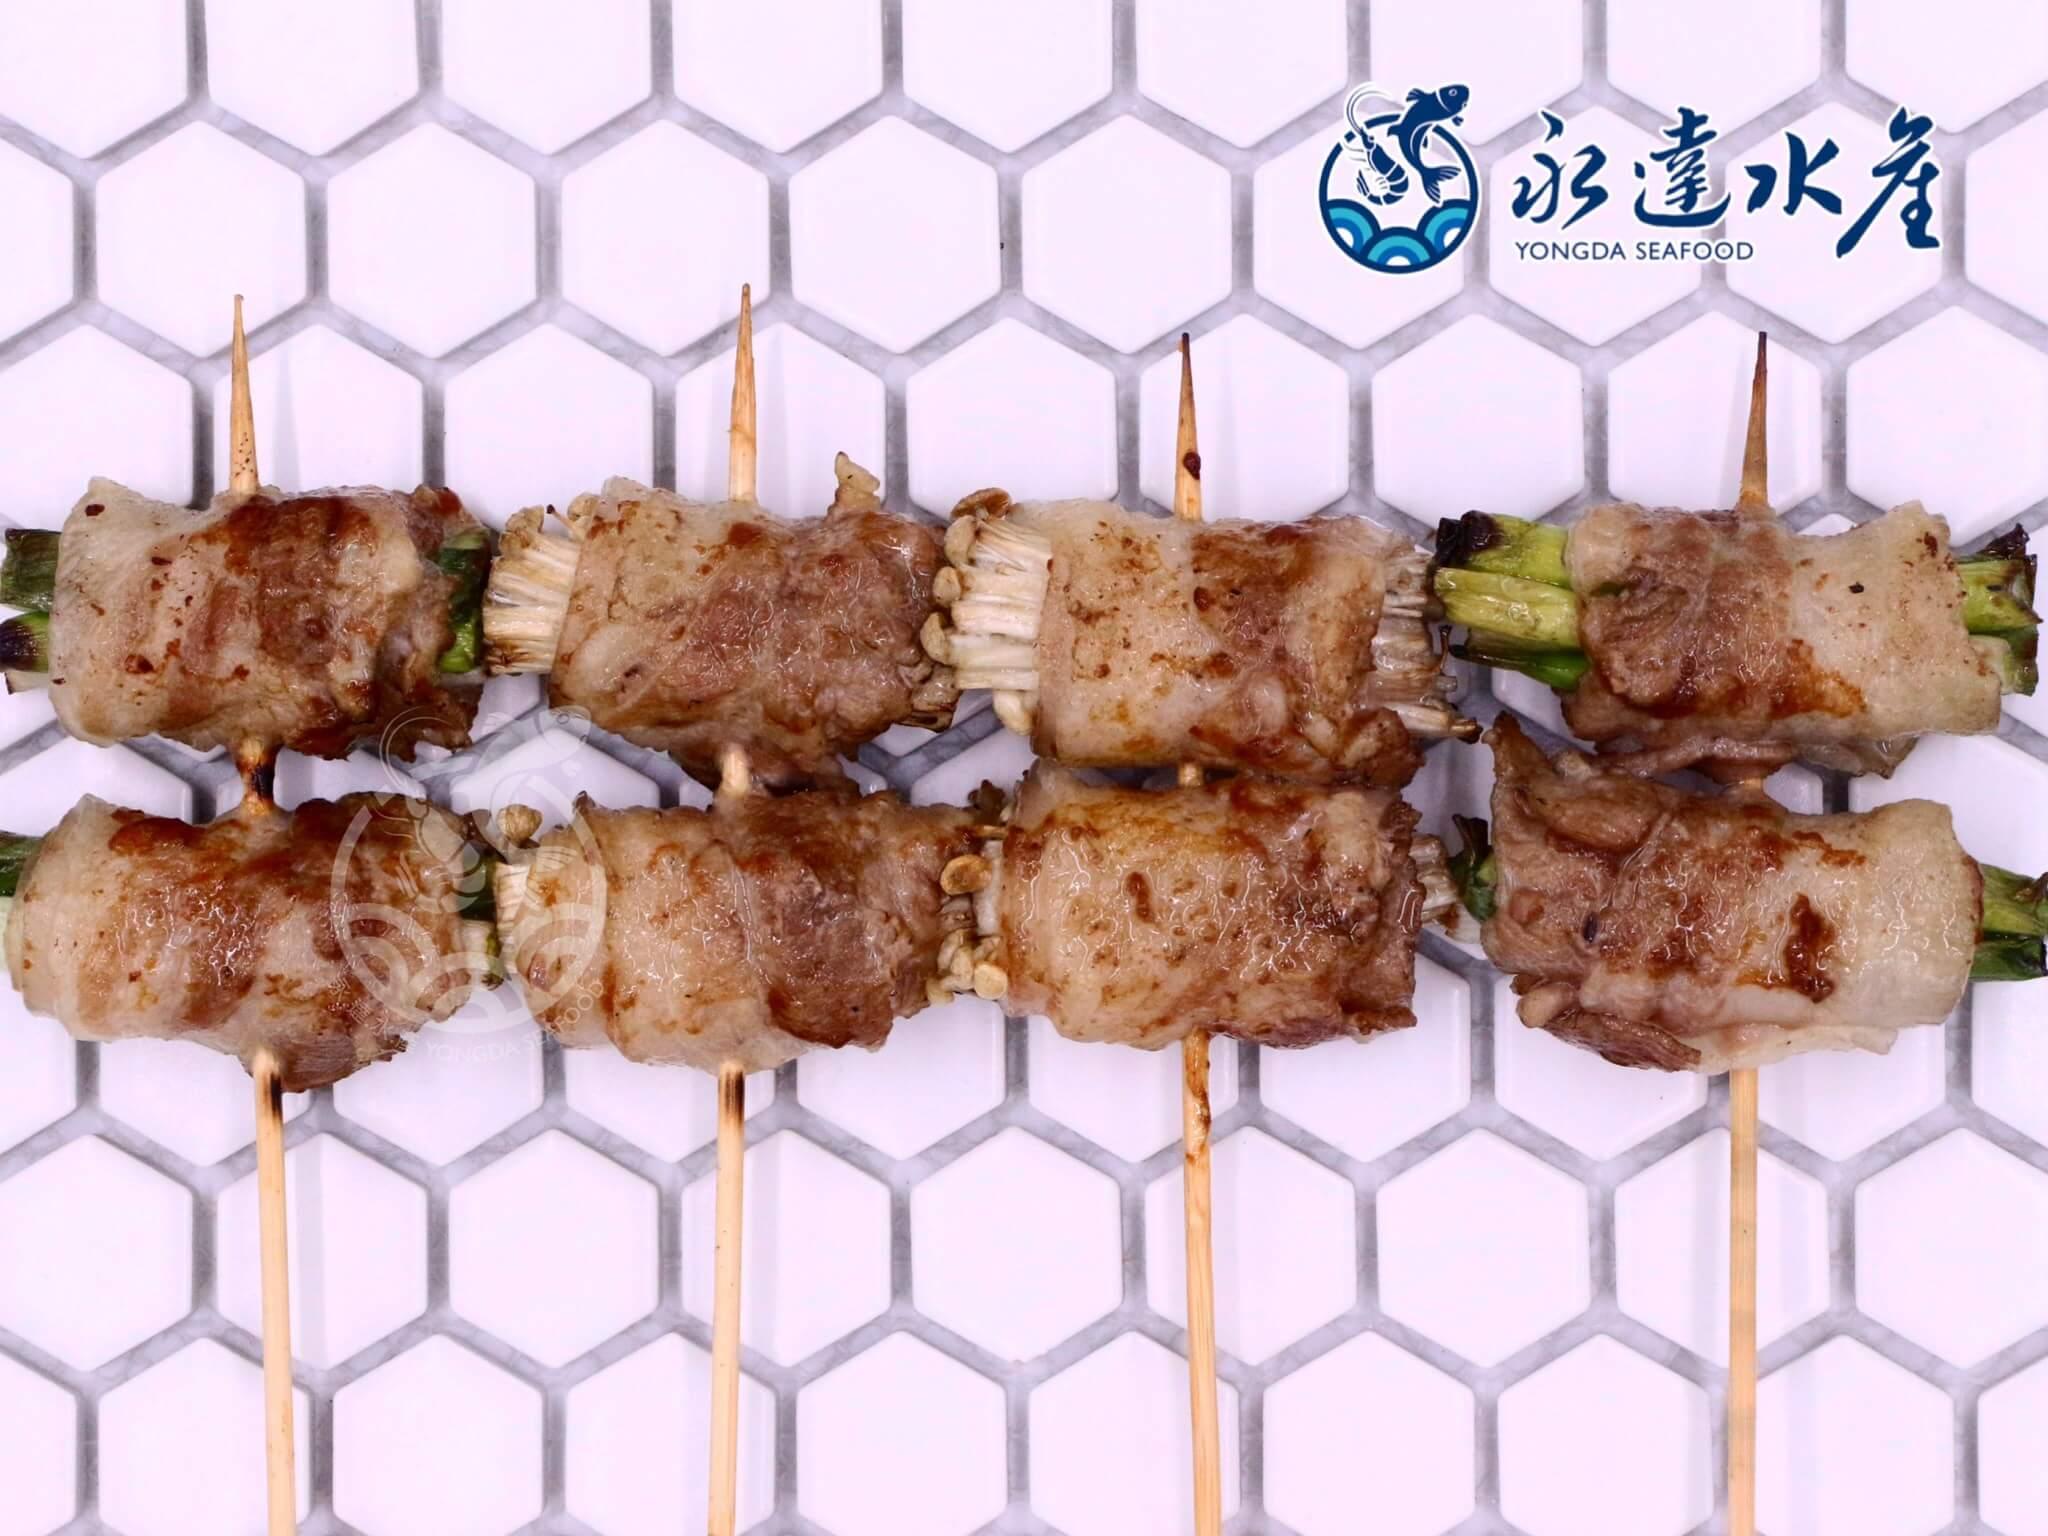 肉品|台灣豬五花肉片|豬五花肉片|豬五花肉|豬肉片|豬肉